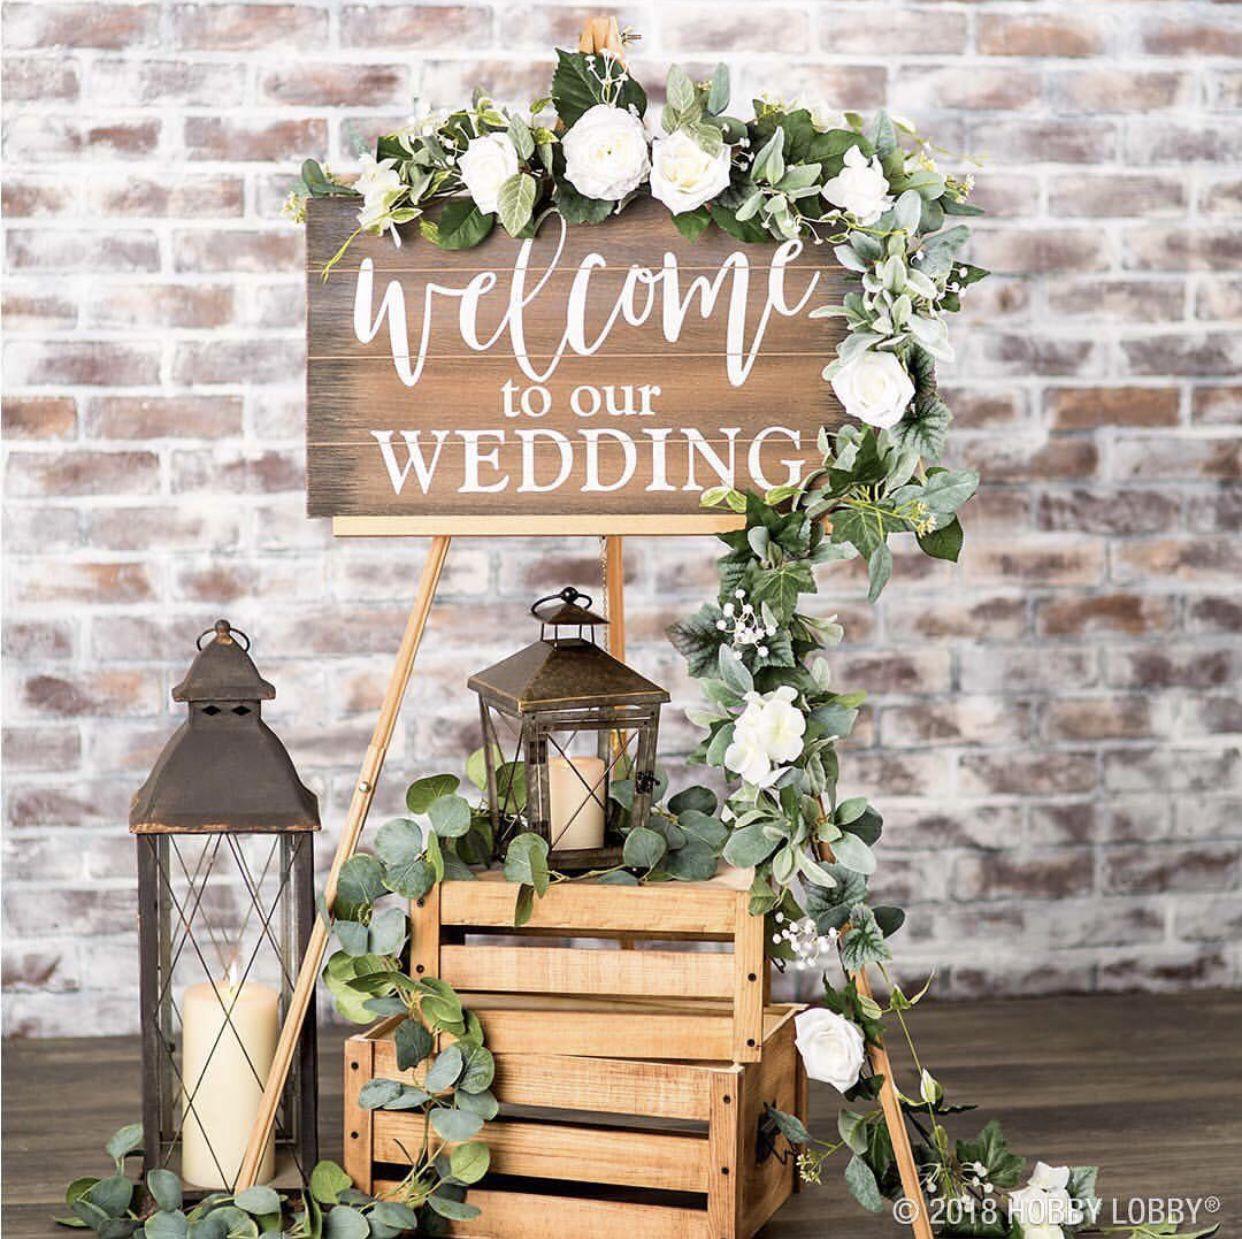 Church Wedding Decorations Ideas For Your Wedding In Italy: Wedding Reception Entrance, Church Wedding